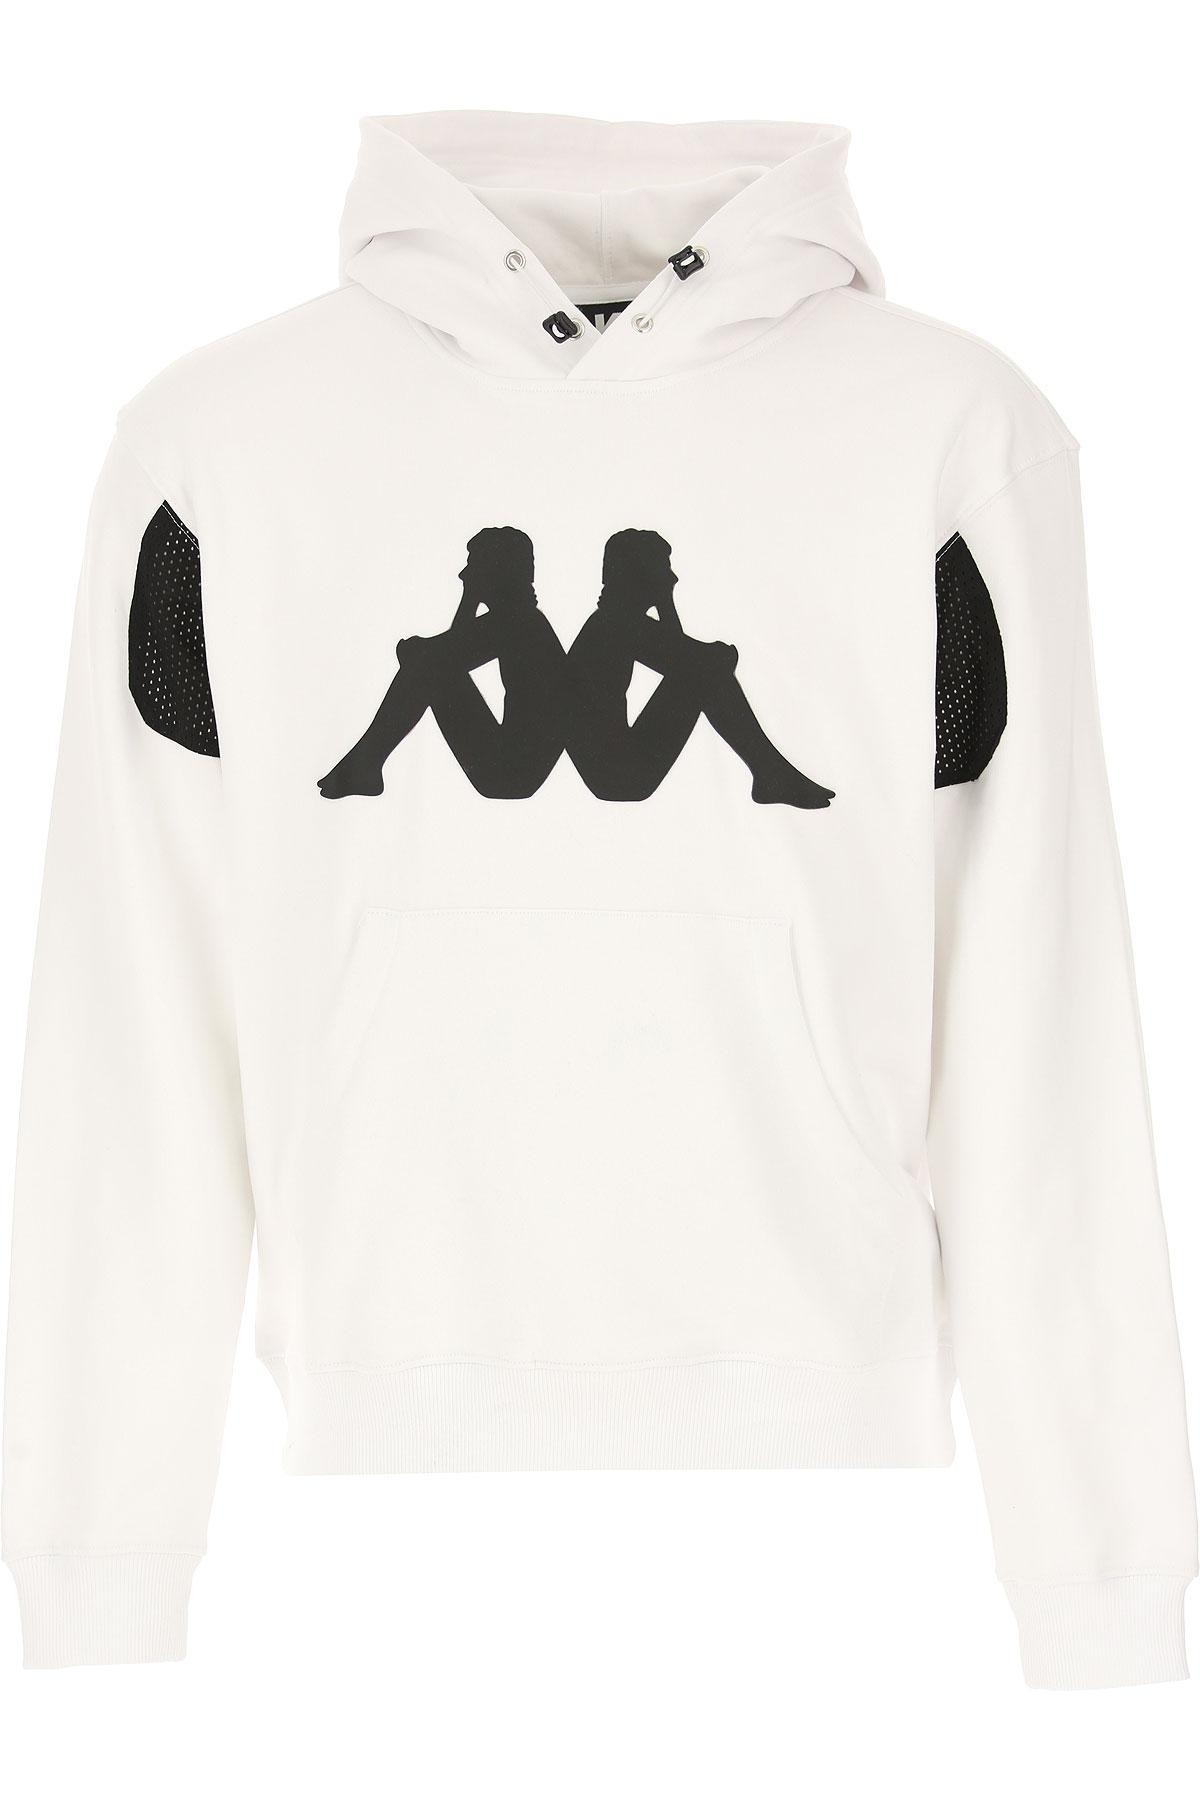 Kappa Kontroll Sweat Homme Pas cher en Soldes, Blanc, Coton, 2019, L M S XL